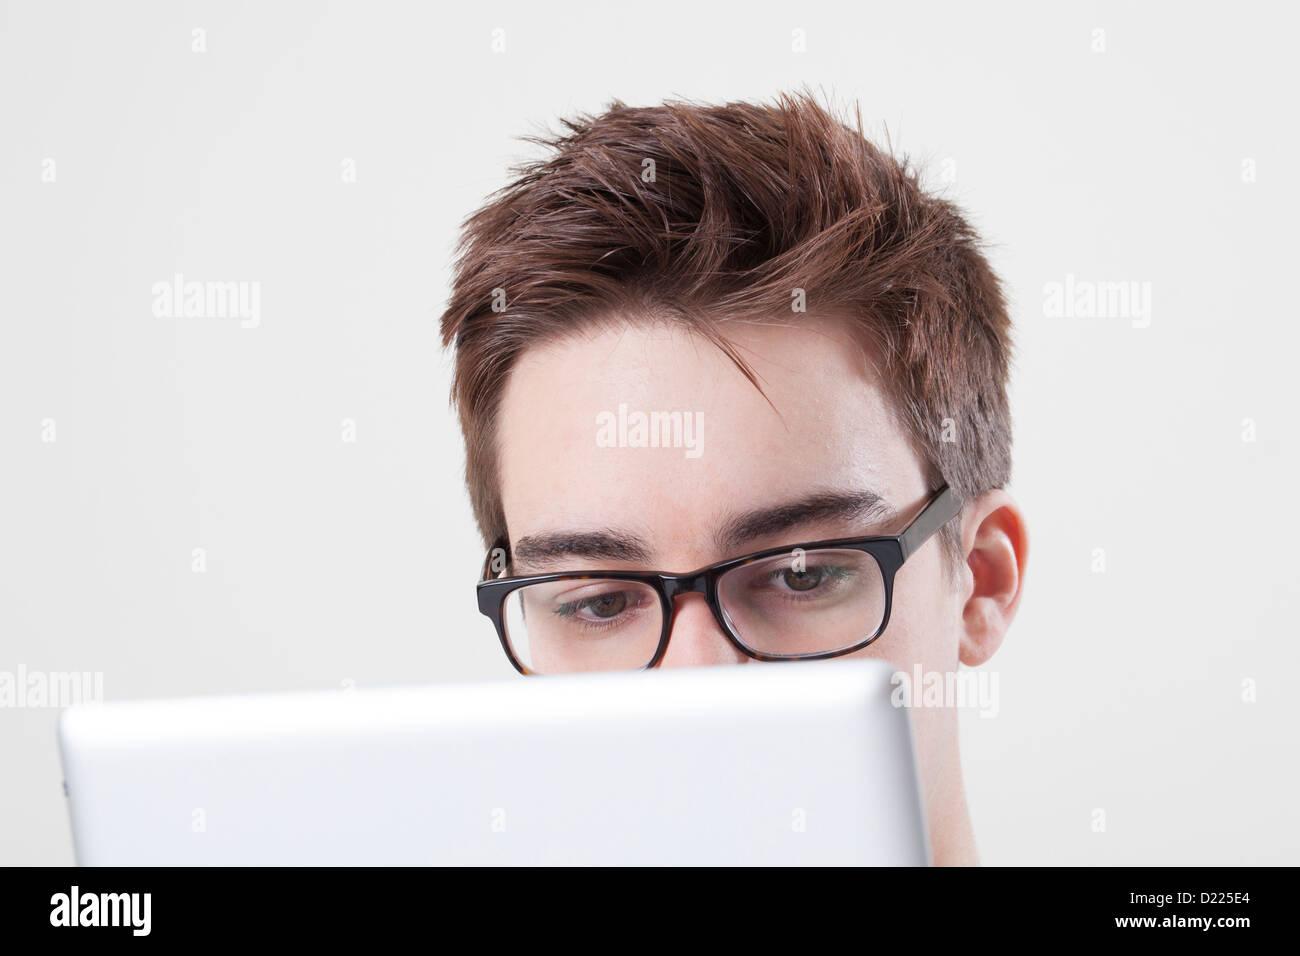 Junger Mann mit Brille auf den Bildschirm seines Laptops oder digital-Tablette. Hautnah auf Augen. Stockbild